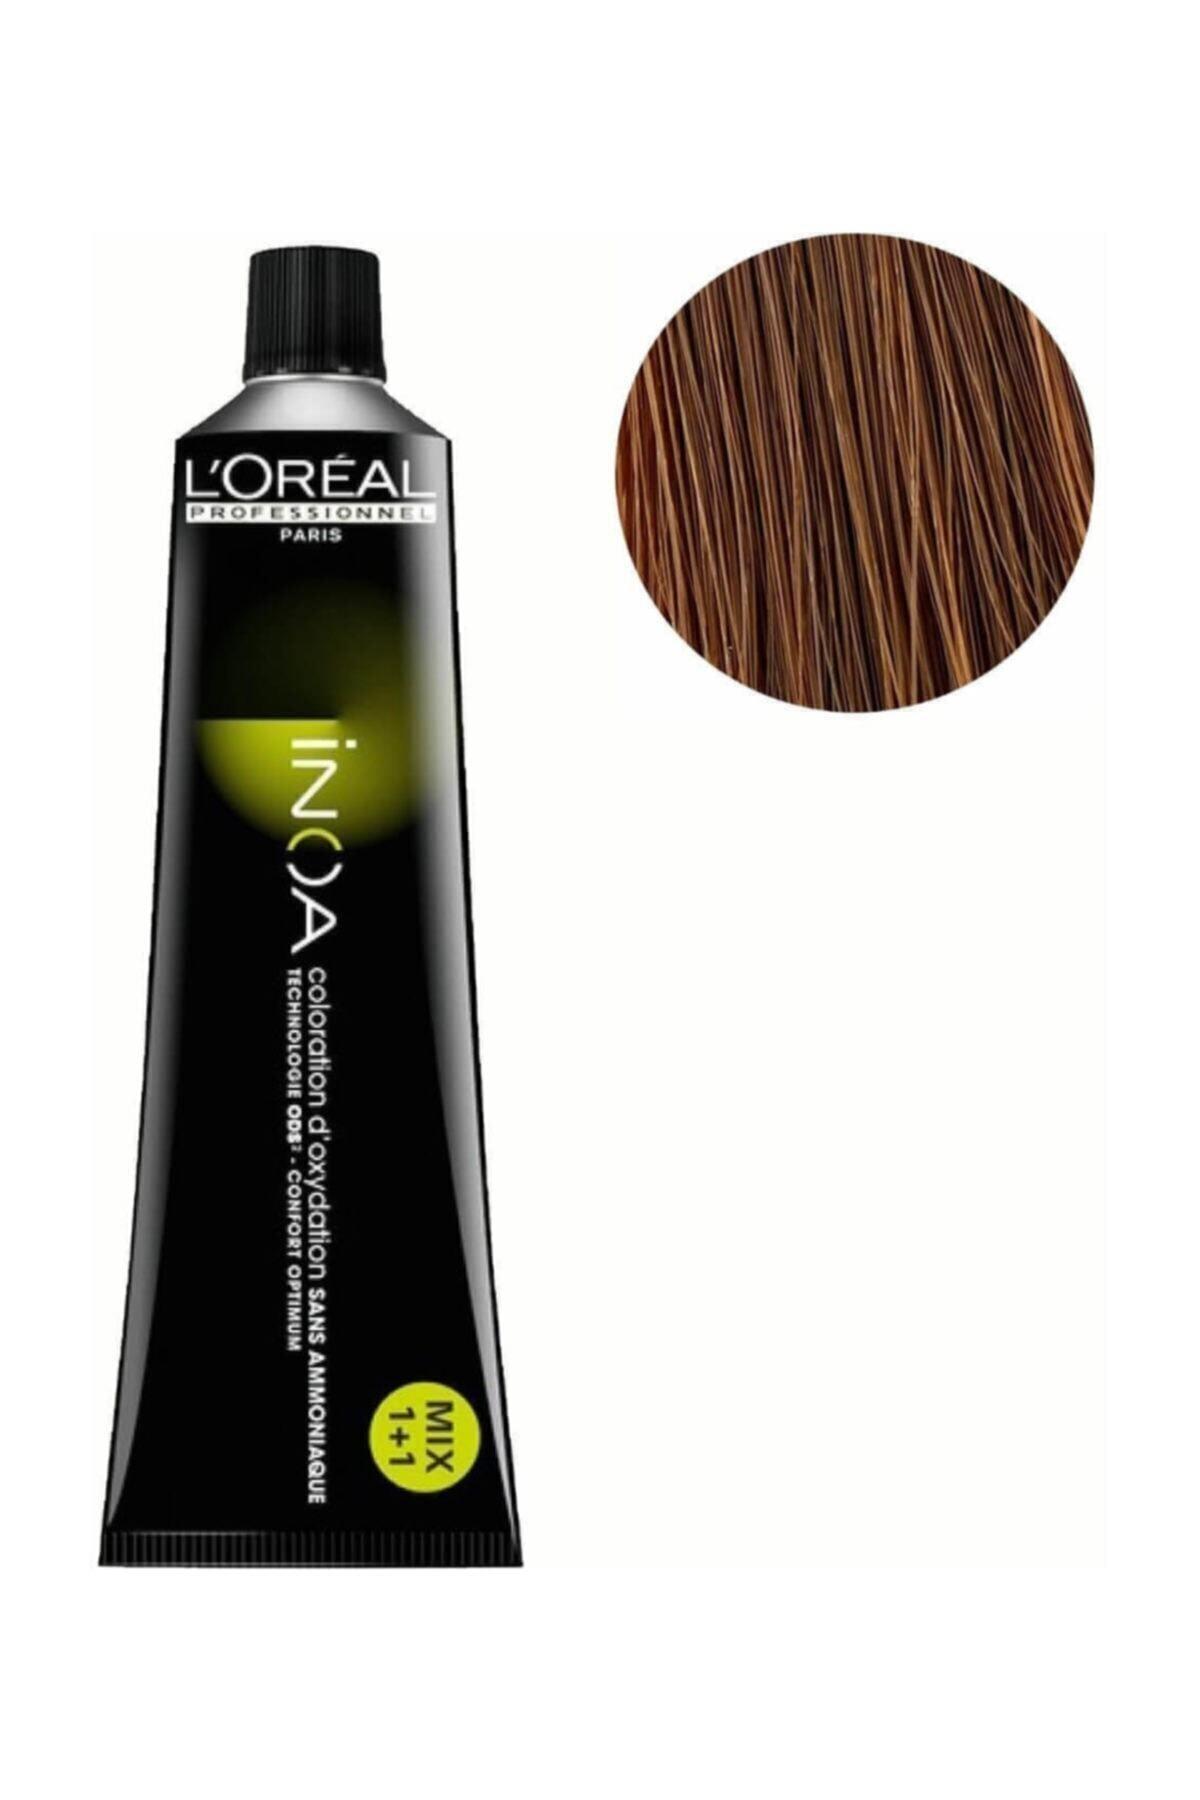 İNOA Inoa Saç Boyası 7 Kumral 3474630415546 (oksidansız) 1